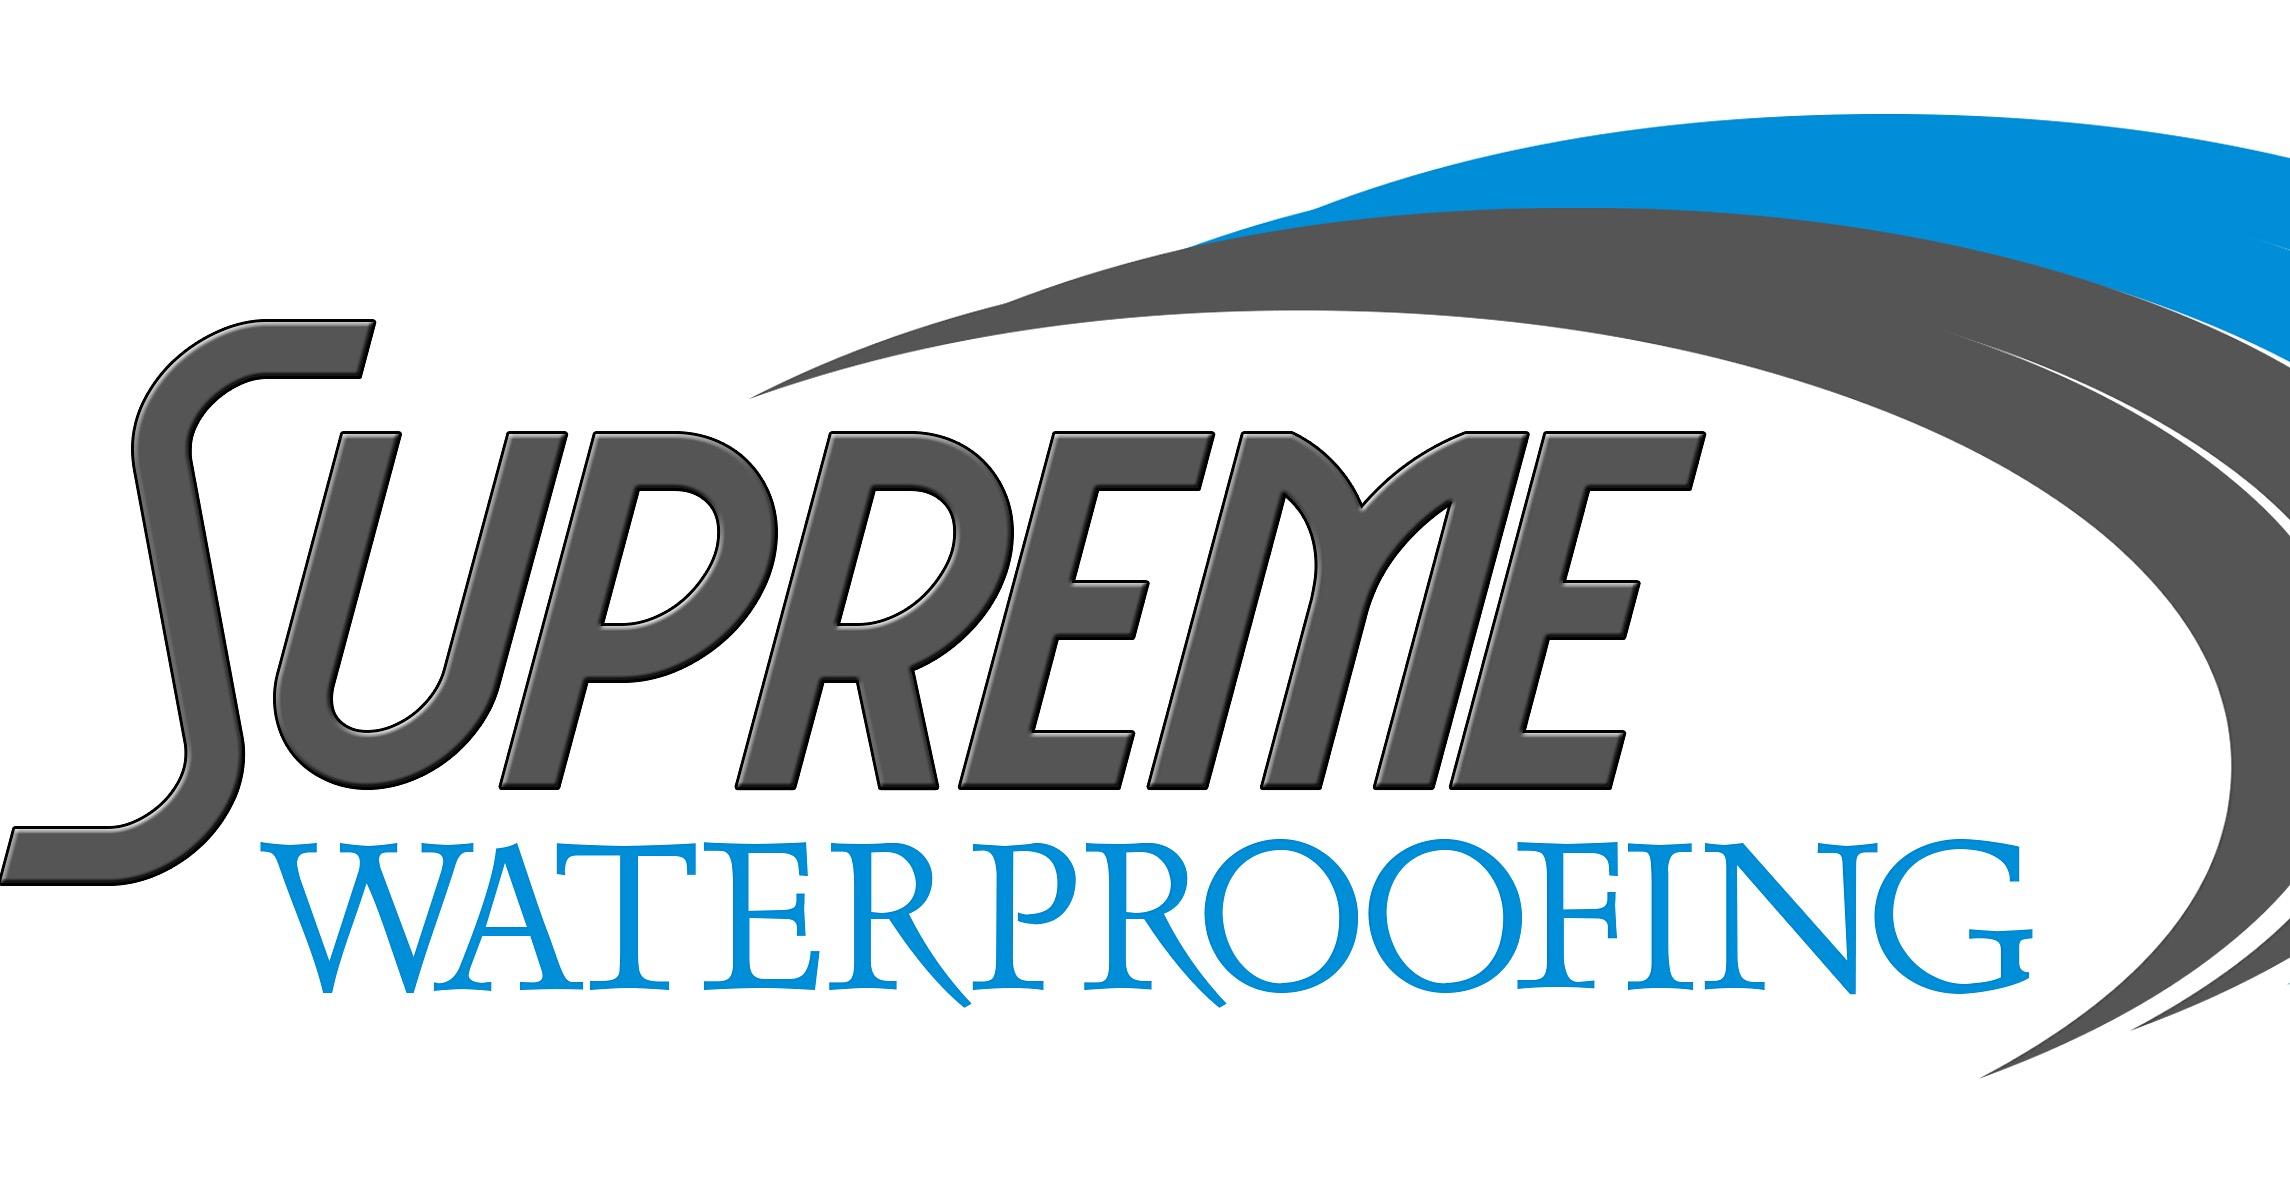 Supreme Waterproofing